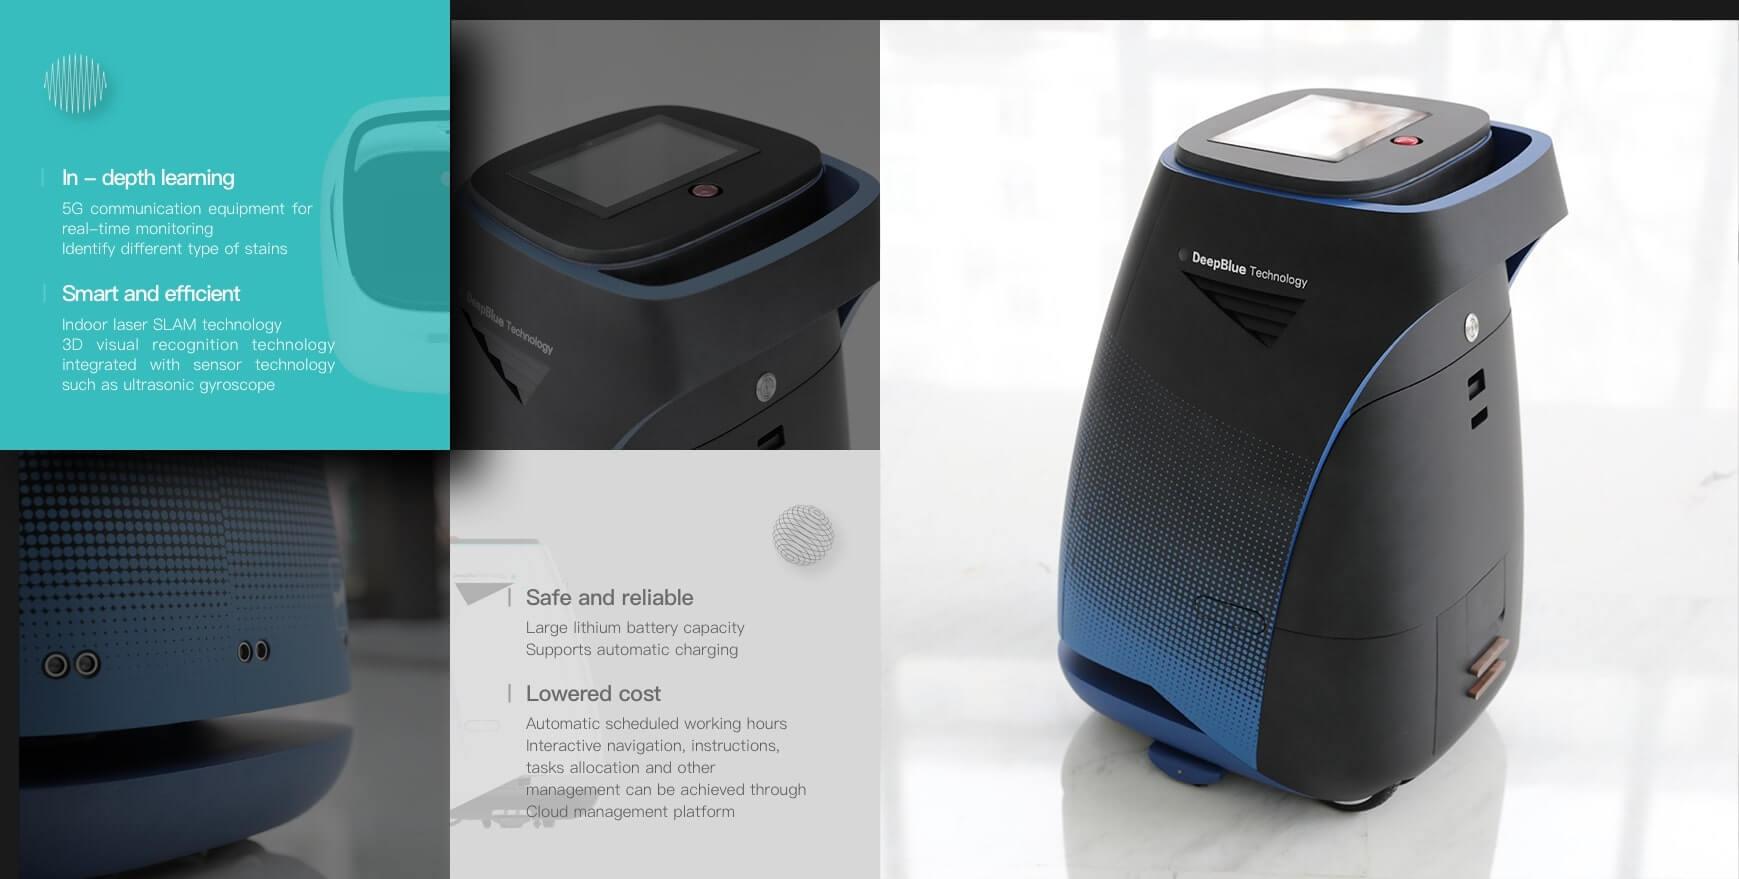 DeepBlue Technology